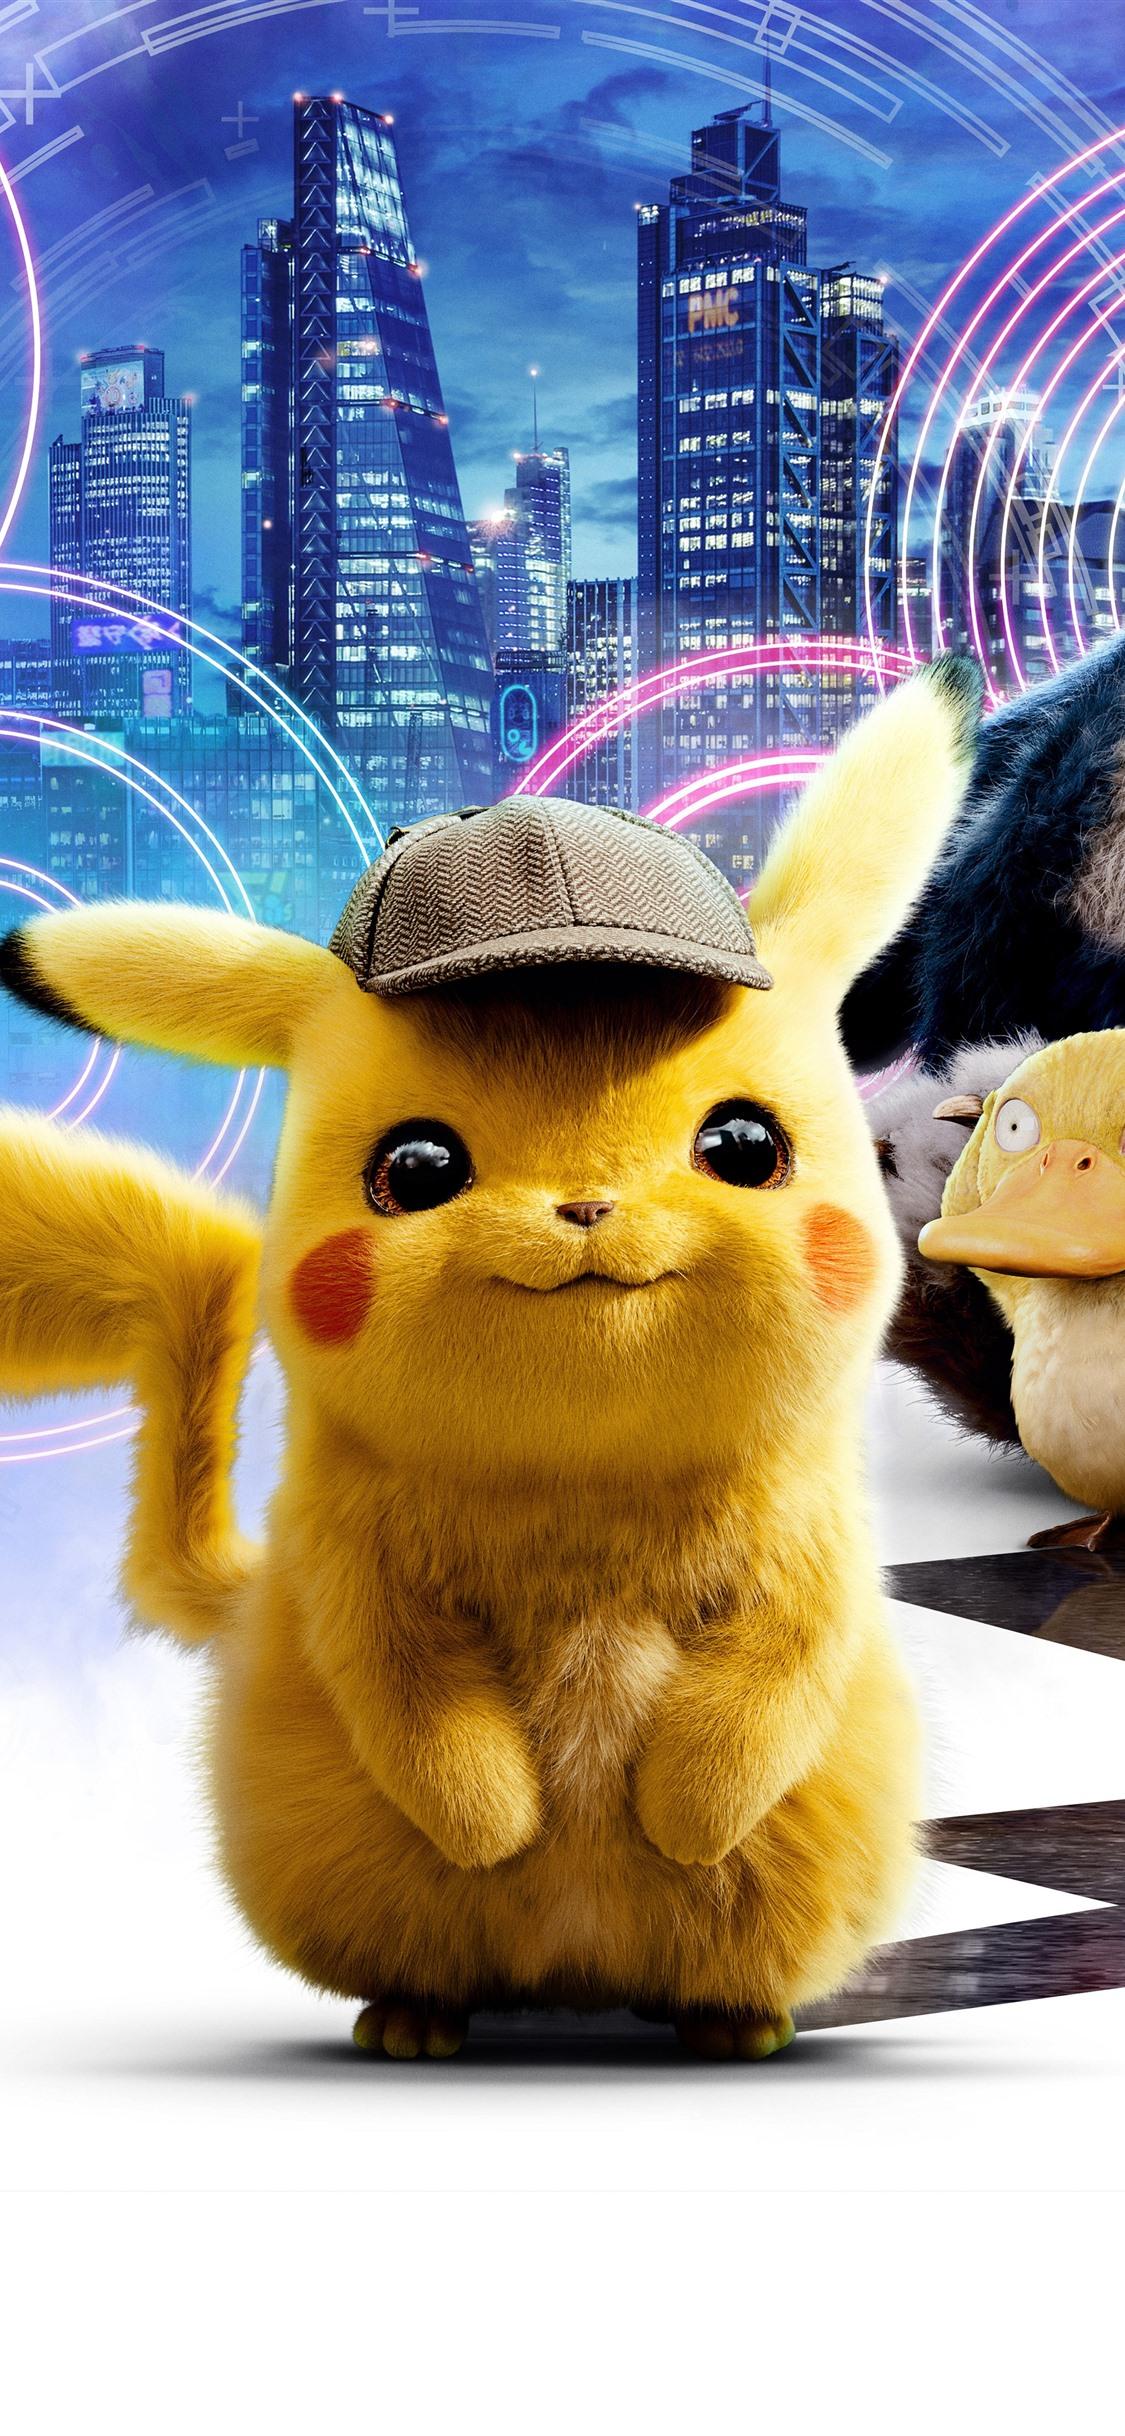 Fondos De Pantalla 2019 Película Pokemon Detective Pikachu